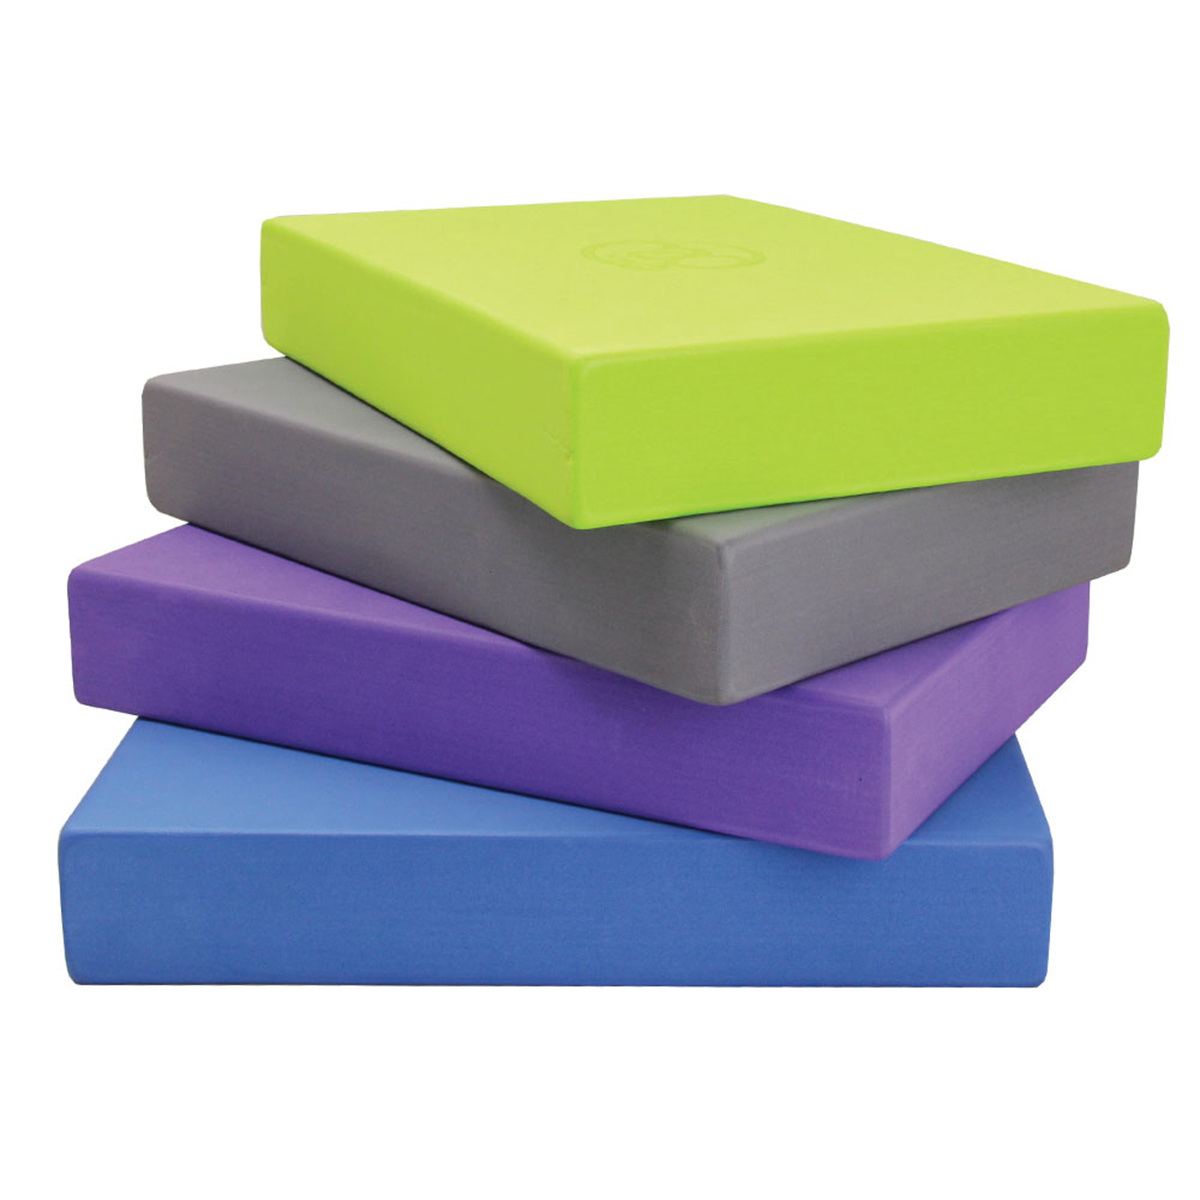 Eco Mat, block, bricks & belt set